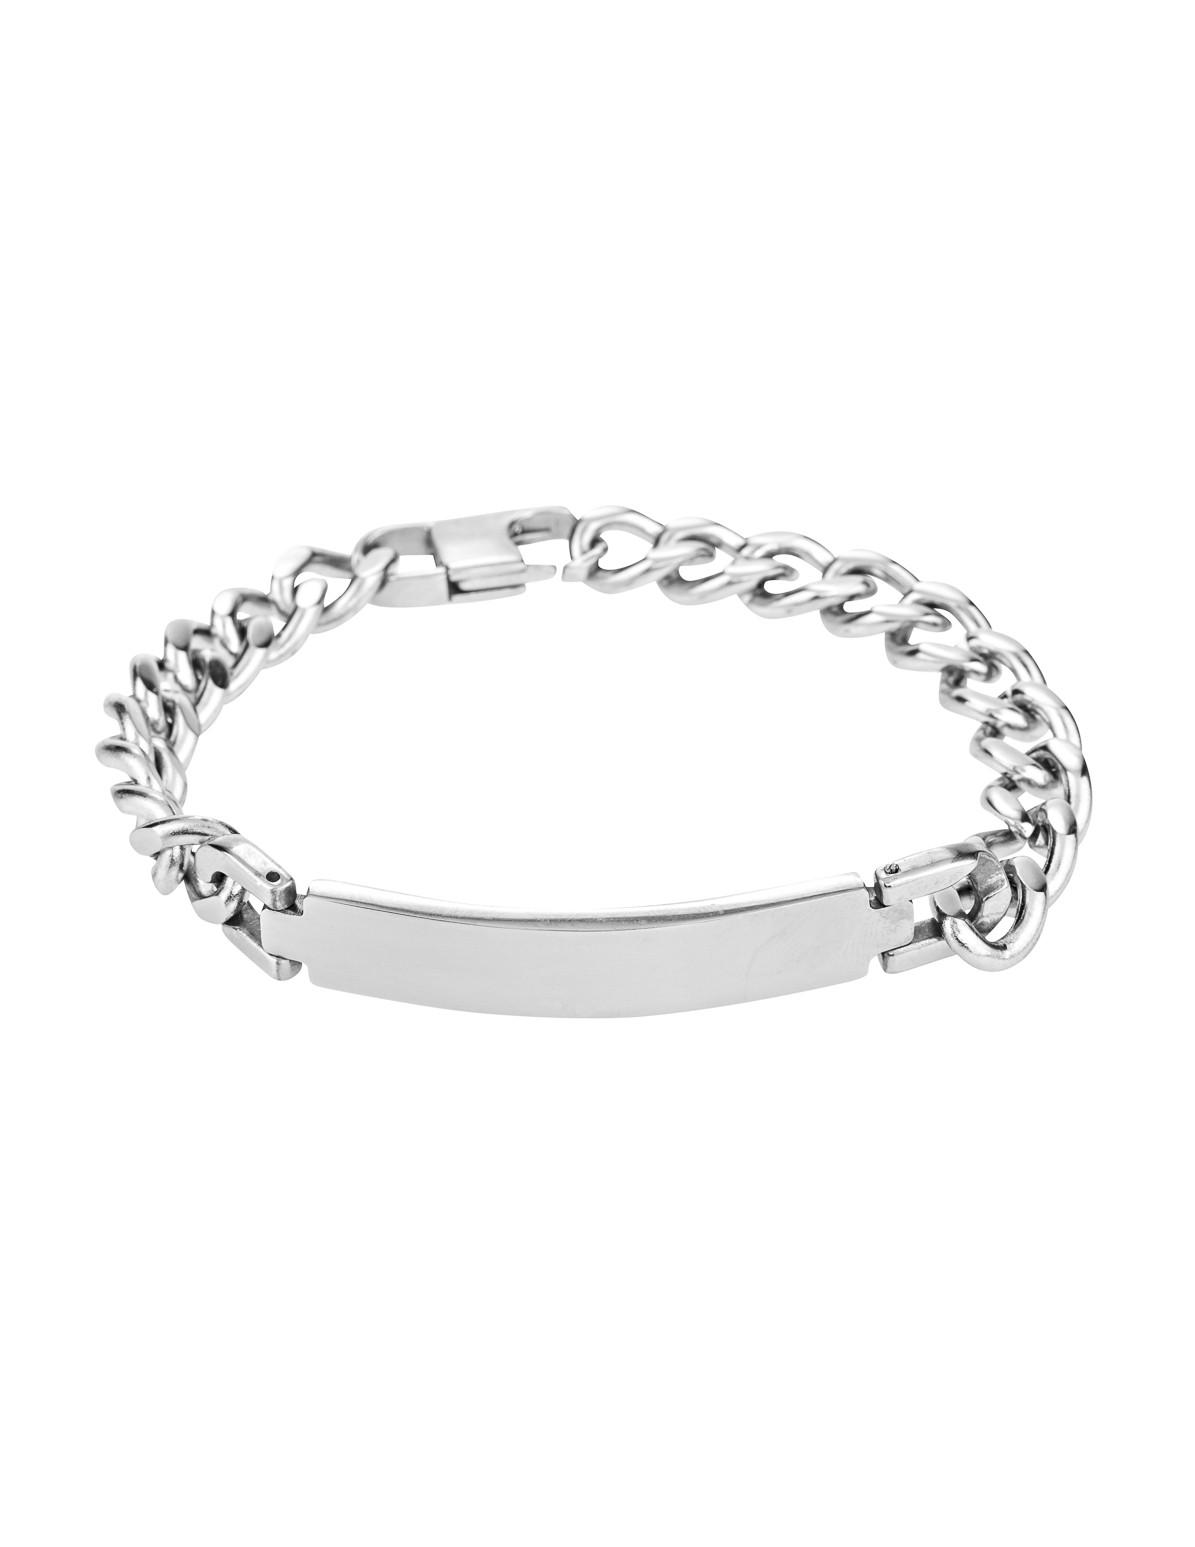 Silver Chain ID Bracelet